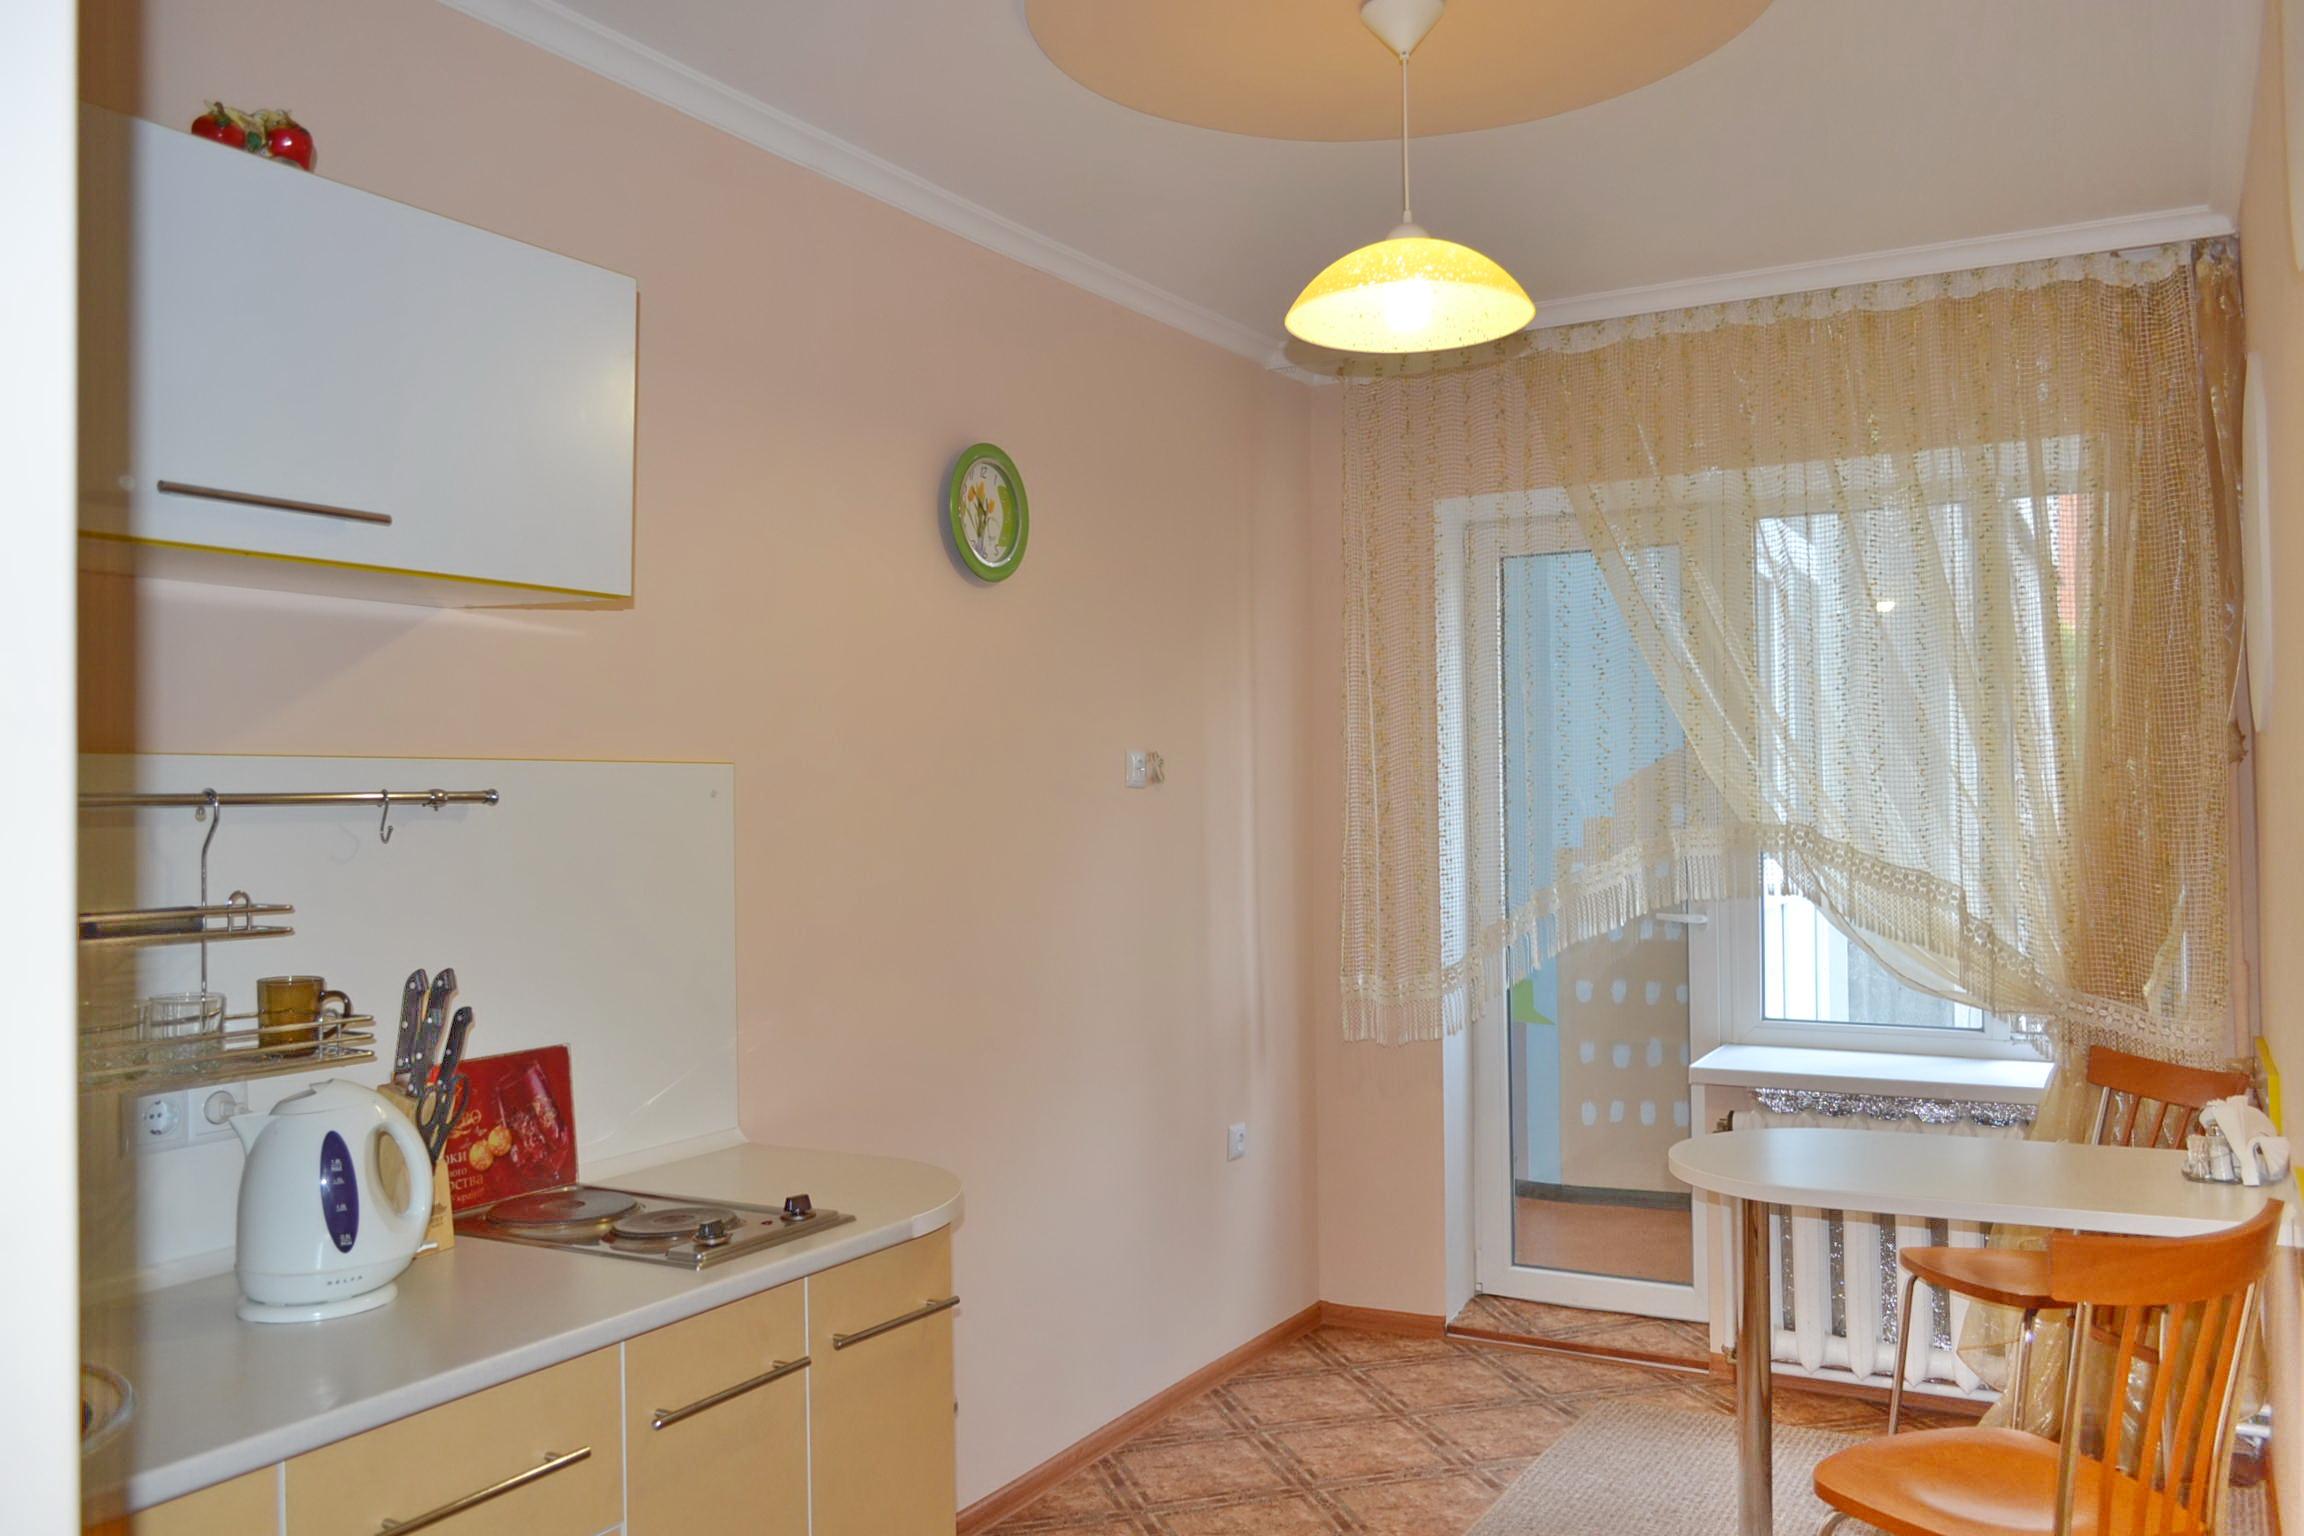 Фото: посуточно квартира на победе, евроремонт. квартиры и к.